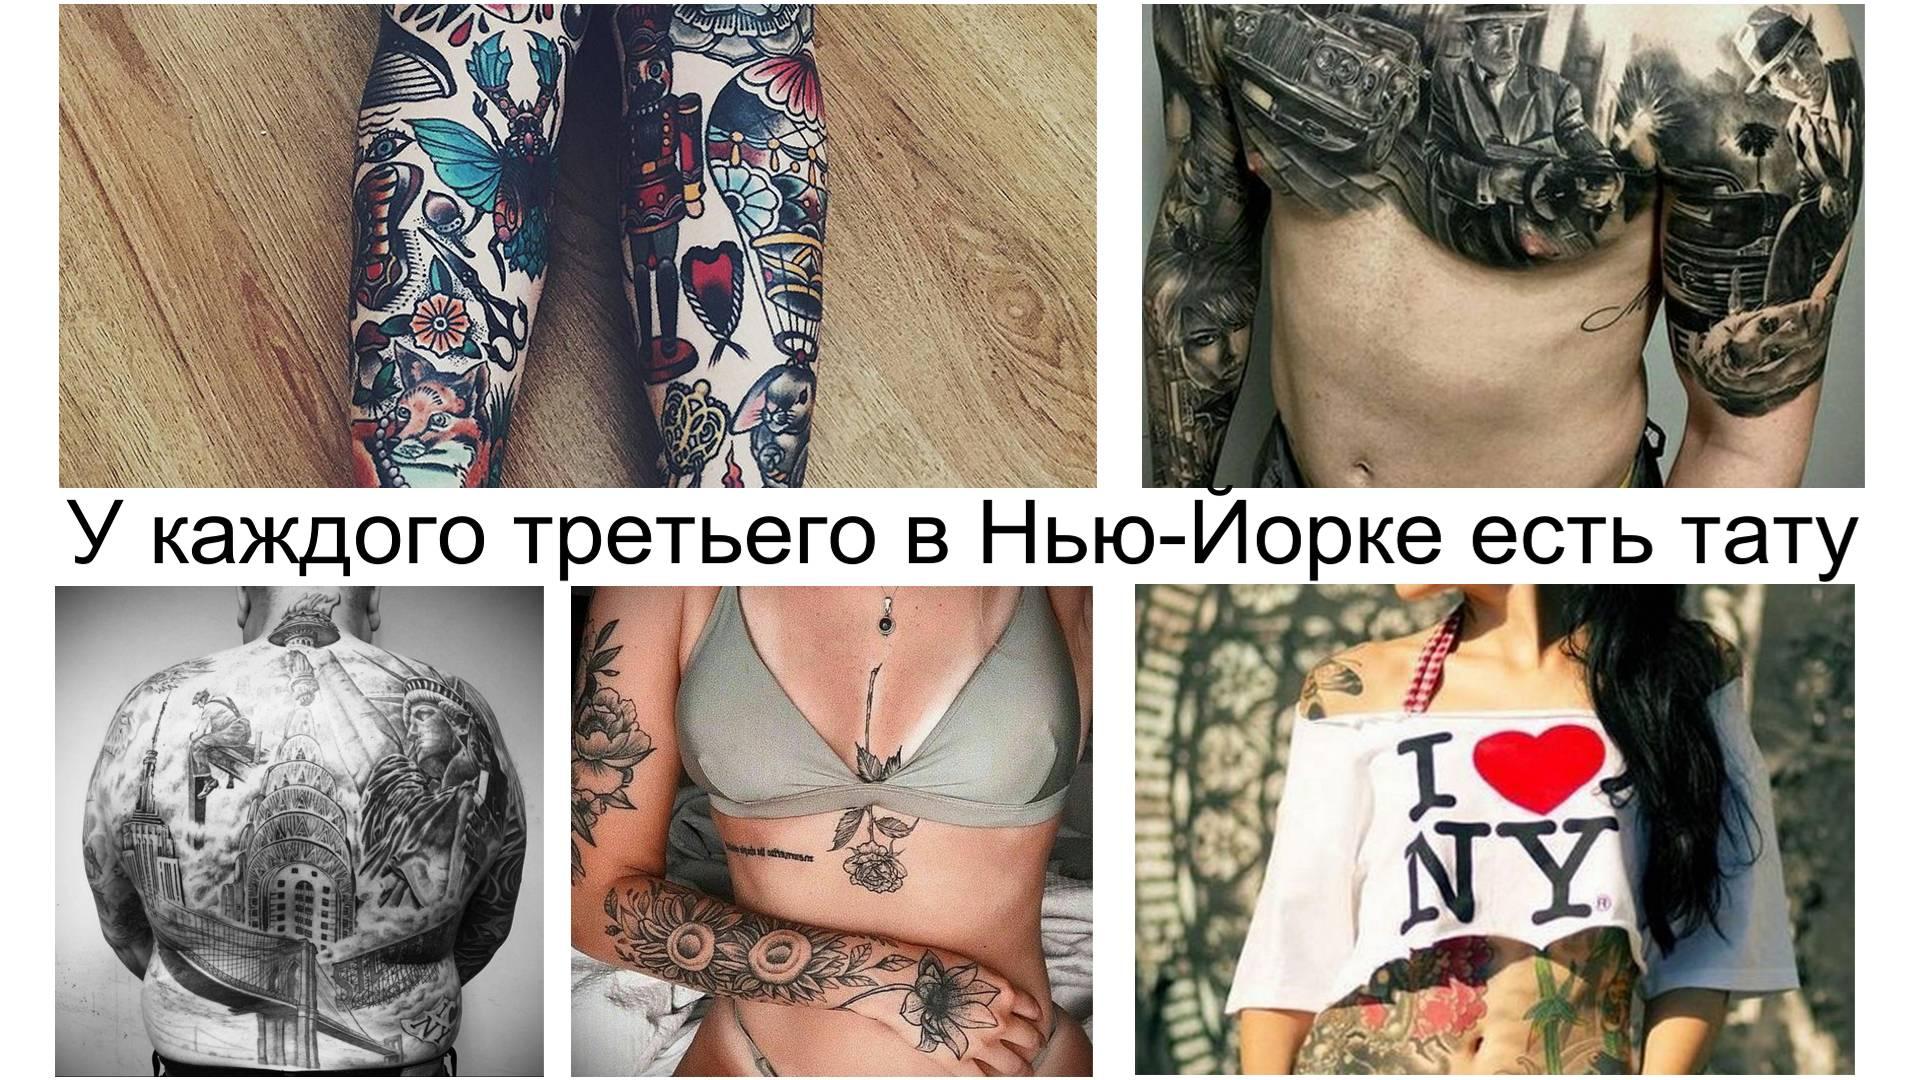 Опрос: практически у каждого третьего жителя Нью-Йорка есть одна или больше татуировок